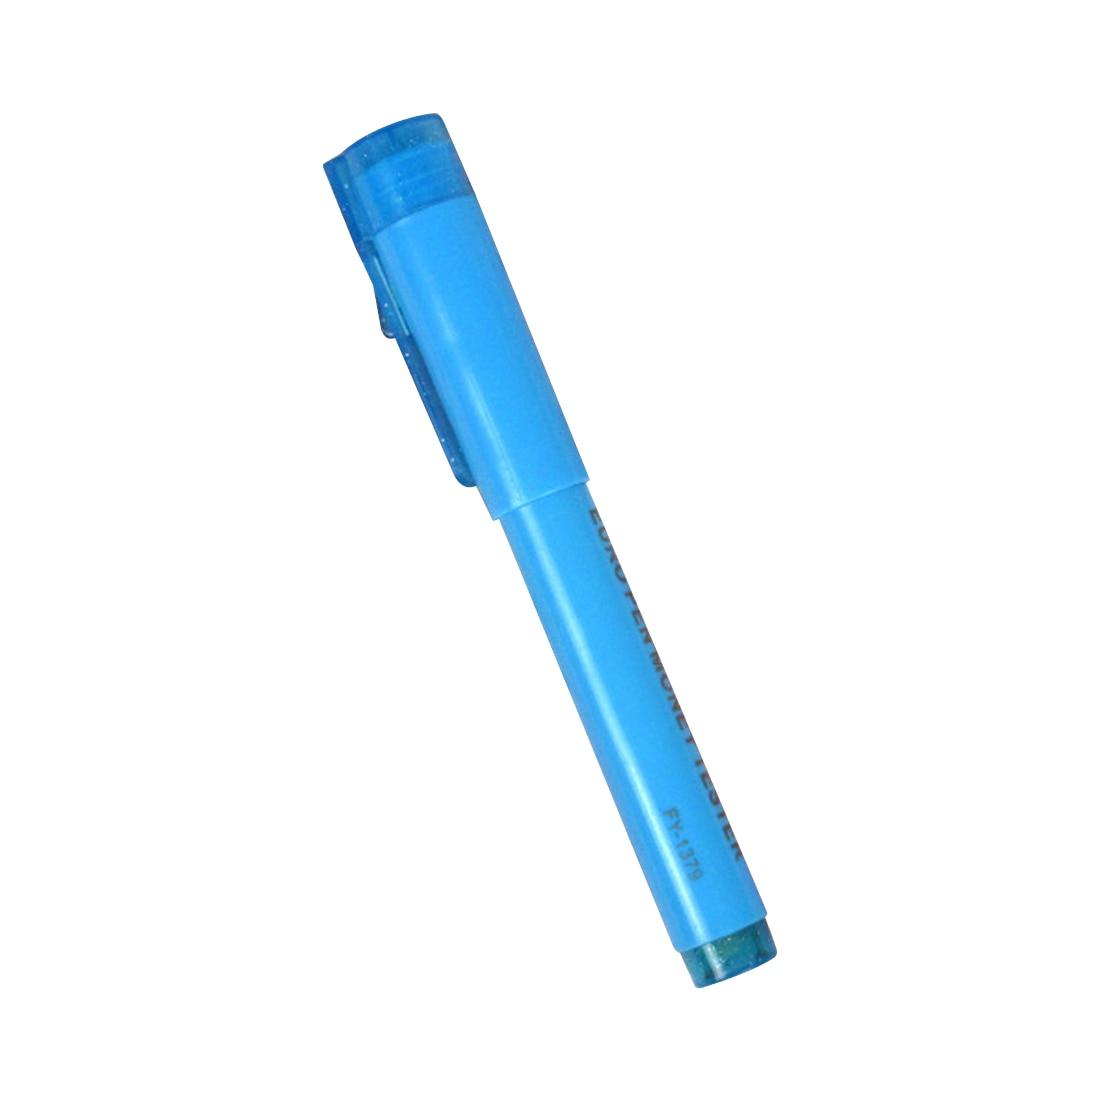 Полезный УФ-светильник, детектор поддельный, поддельный, кованый, детектор банкнот, детектор, тестер, маркер, ручка 2 в 1